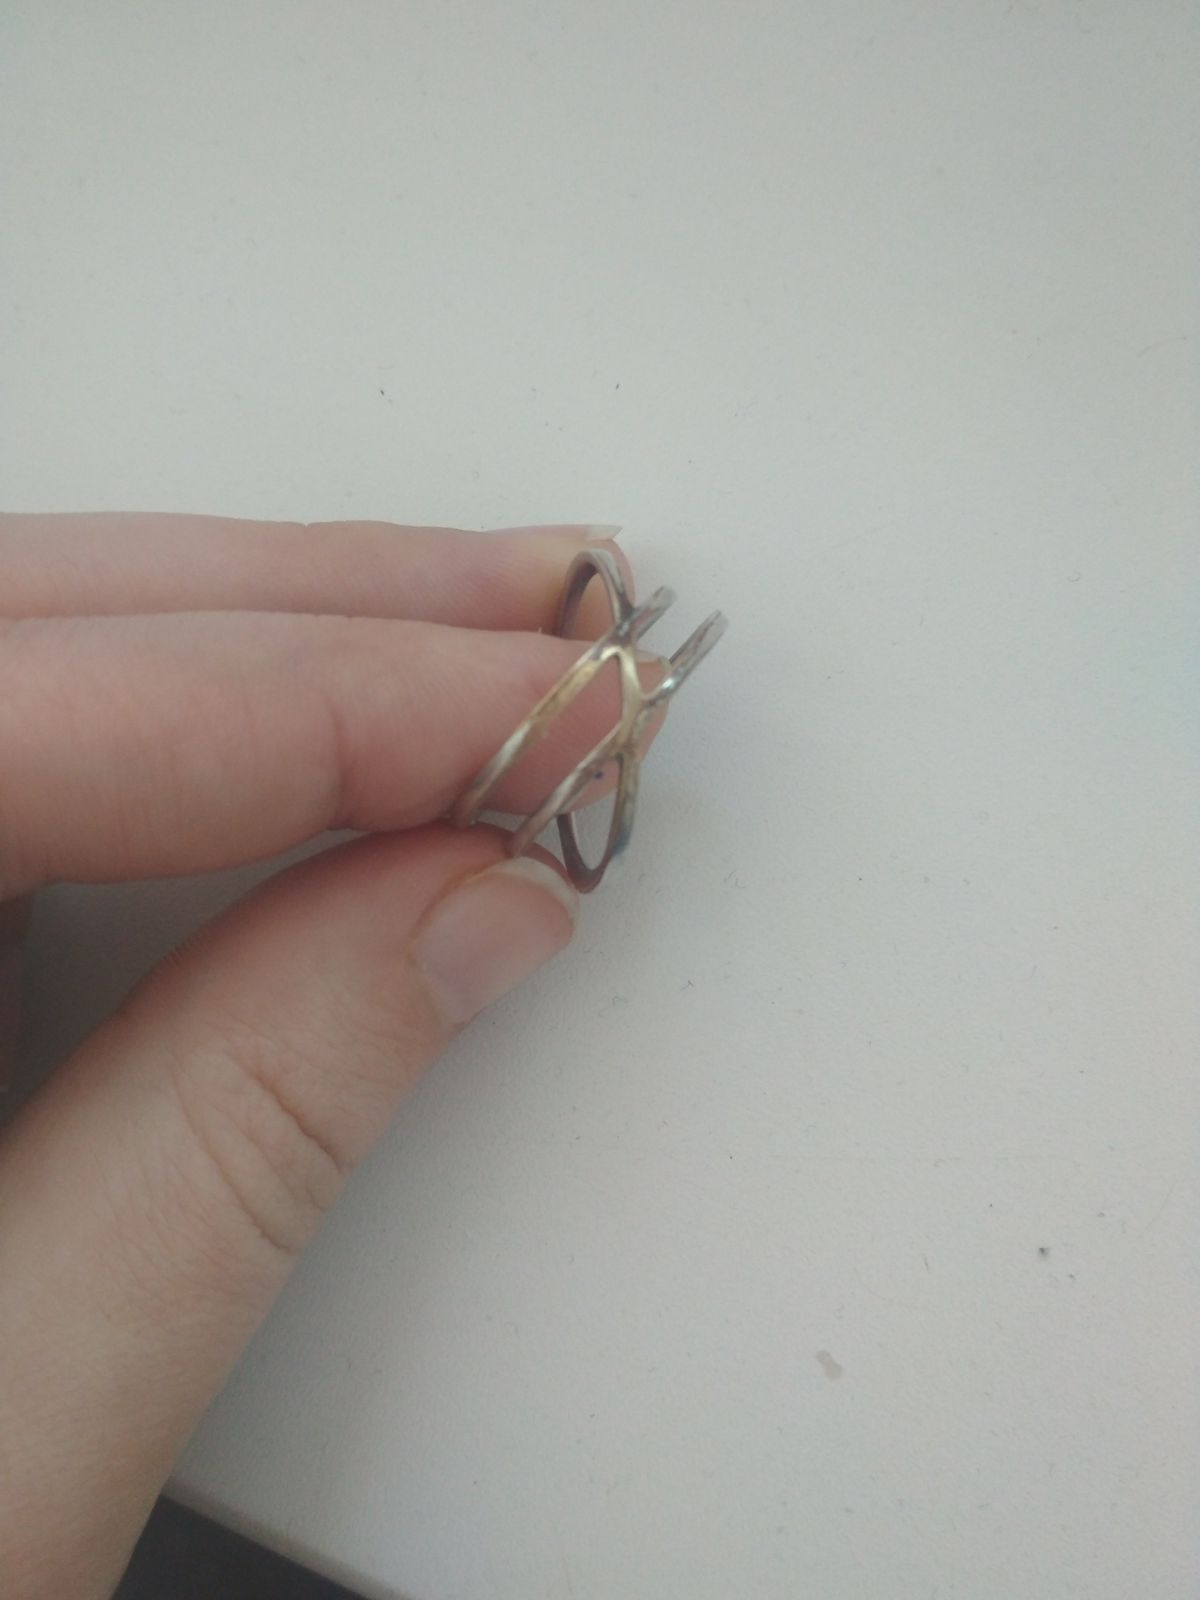 Стильное кольцо, но через время облазиет